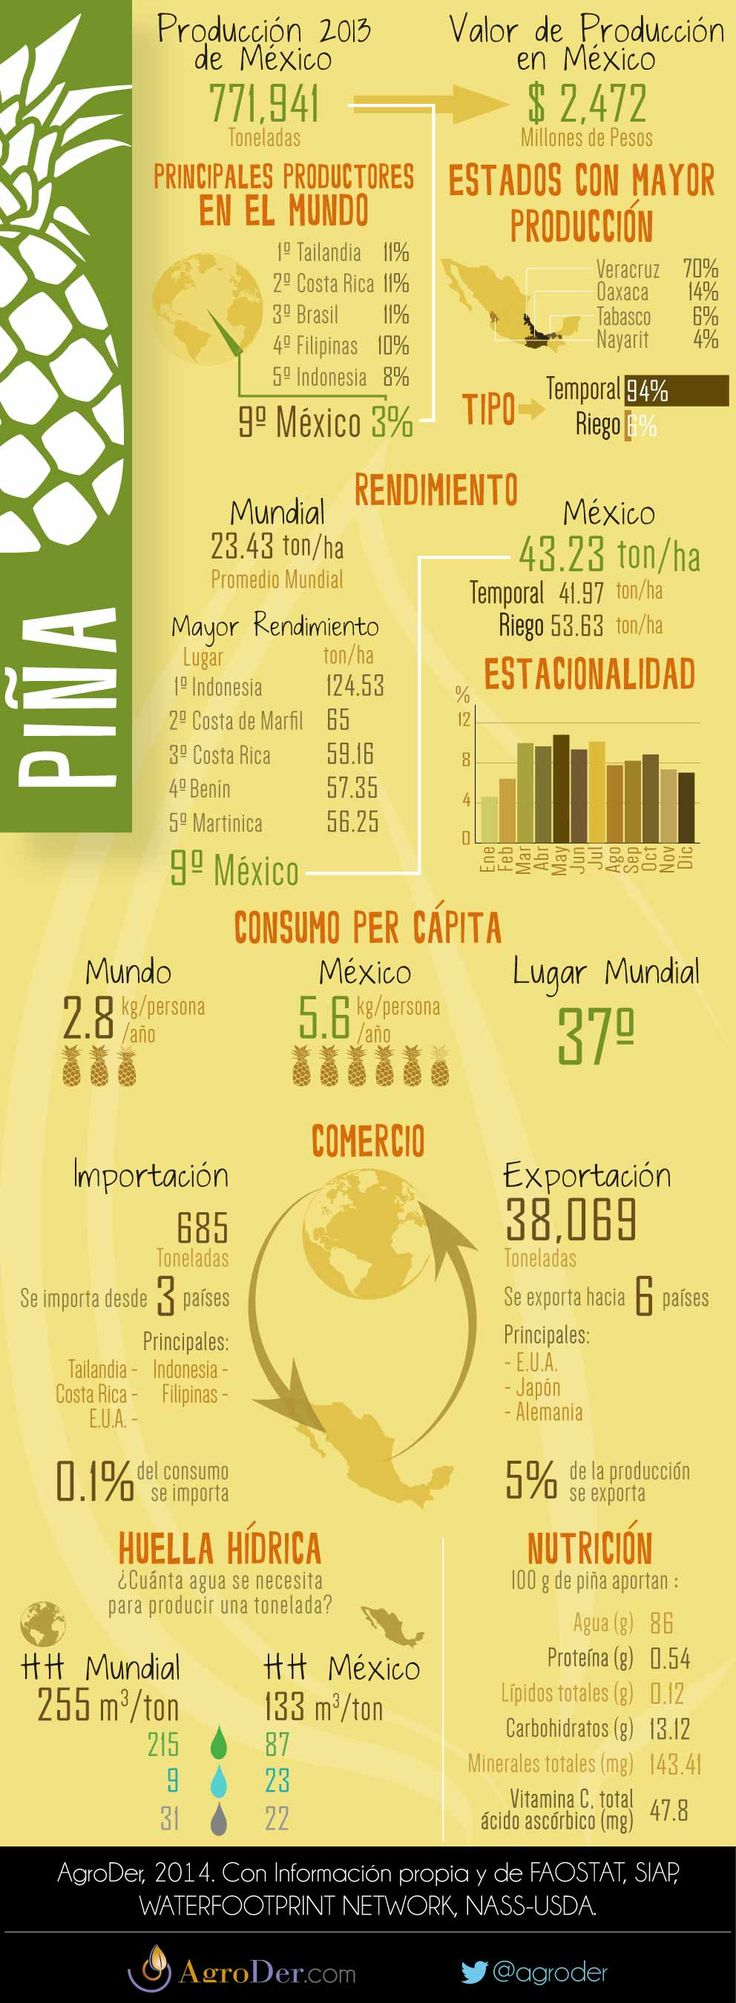 Infografía - Piña en México, 2013.